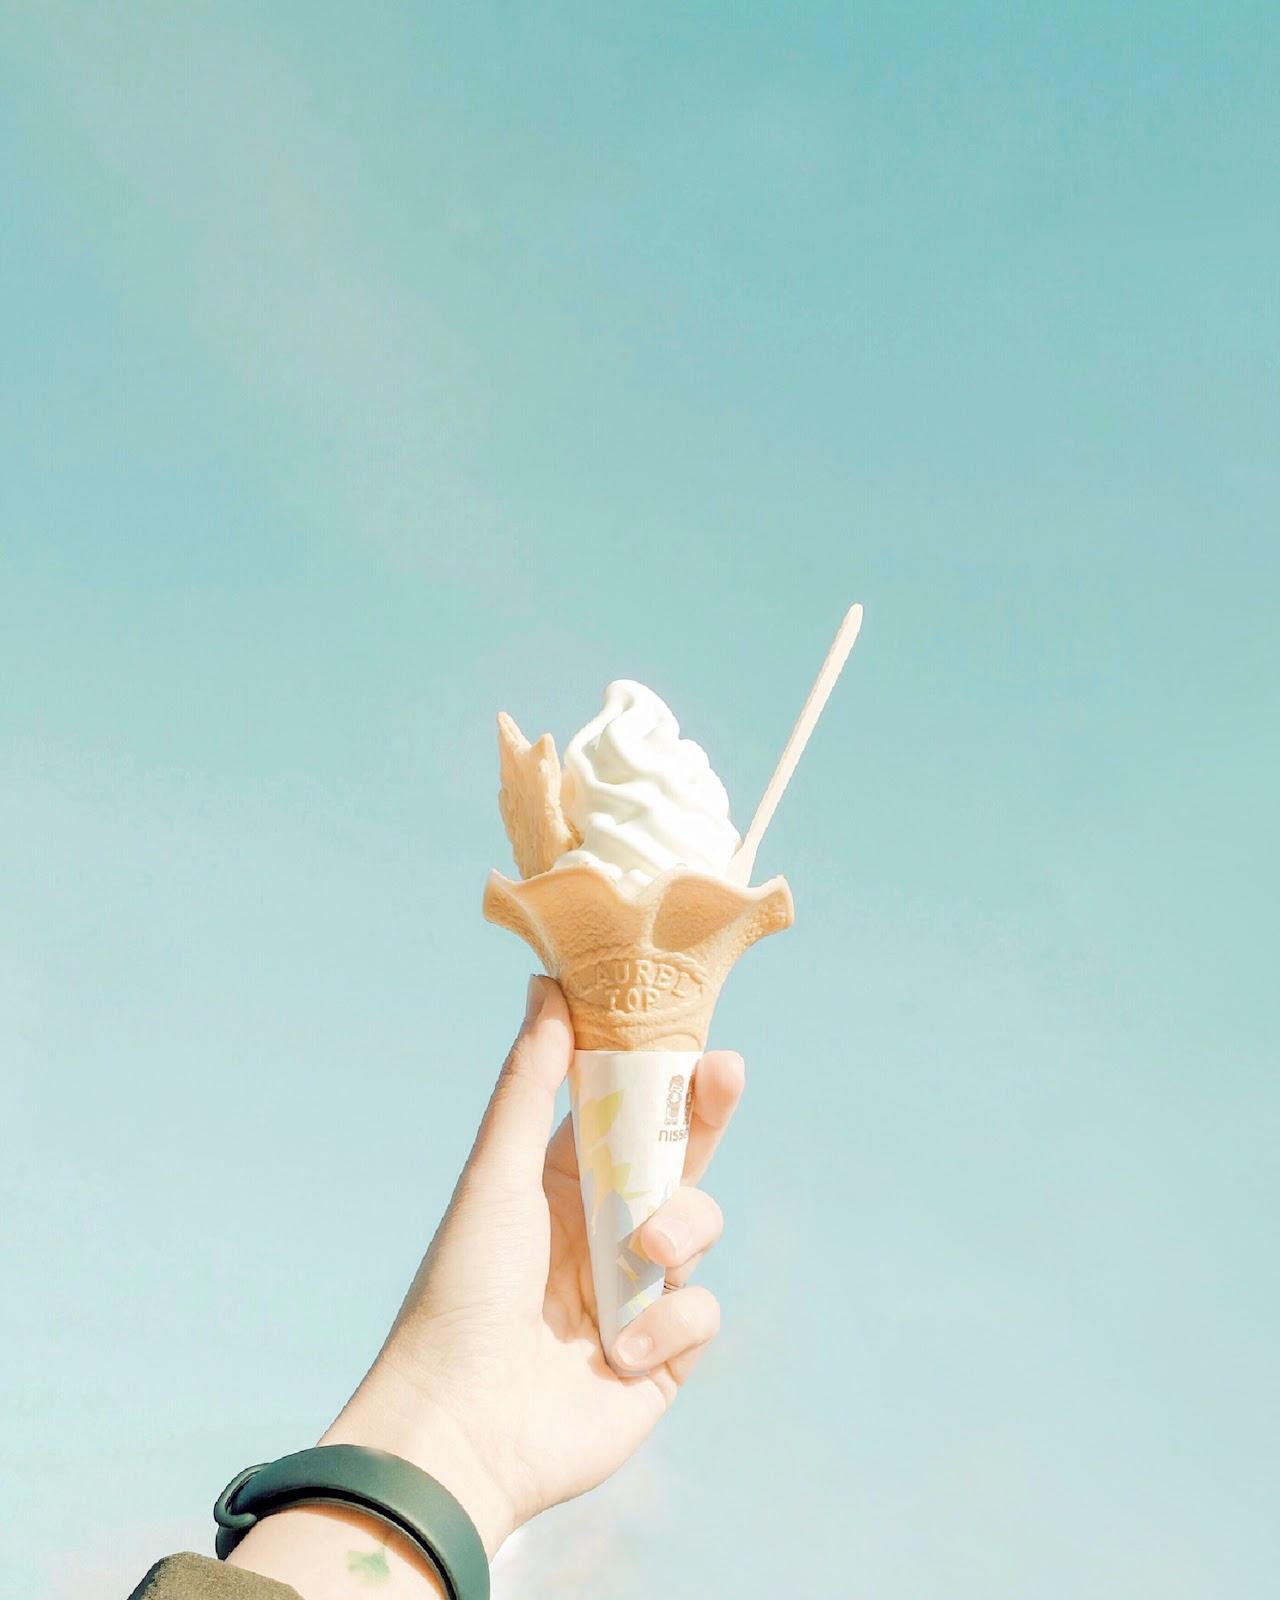 Loạt trải nghiệm mùa hè đỉnh như anime Nhật Bản: Bắt bọ cánh cứng, ngắm đom đóm trong rừng và ăn kem cho đến khi nào nổ não thì thôi! - Ảnh 12.